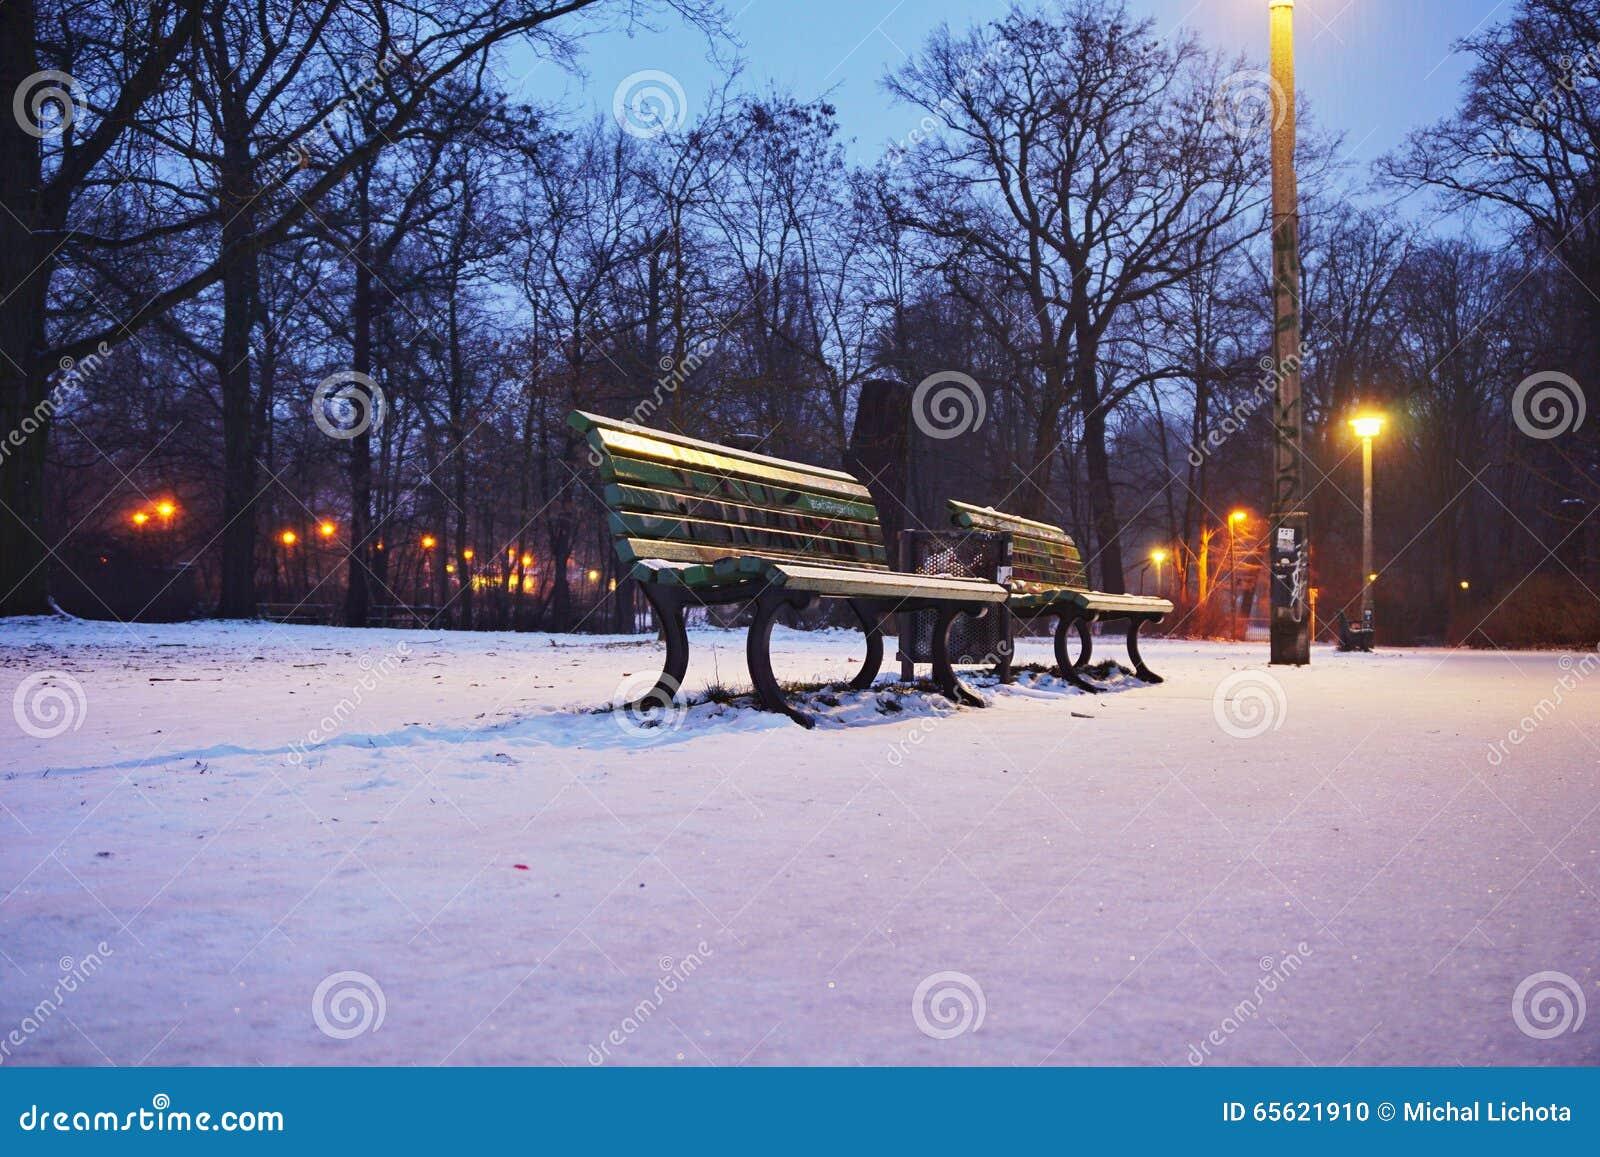 一个公园在日出期间的冬天,在柏林.图片